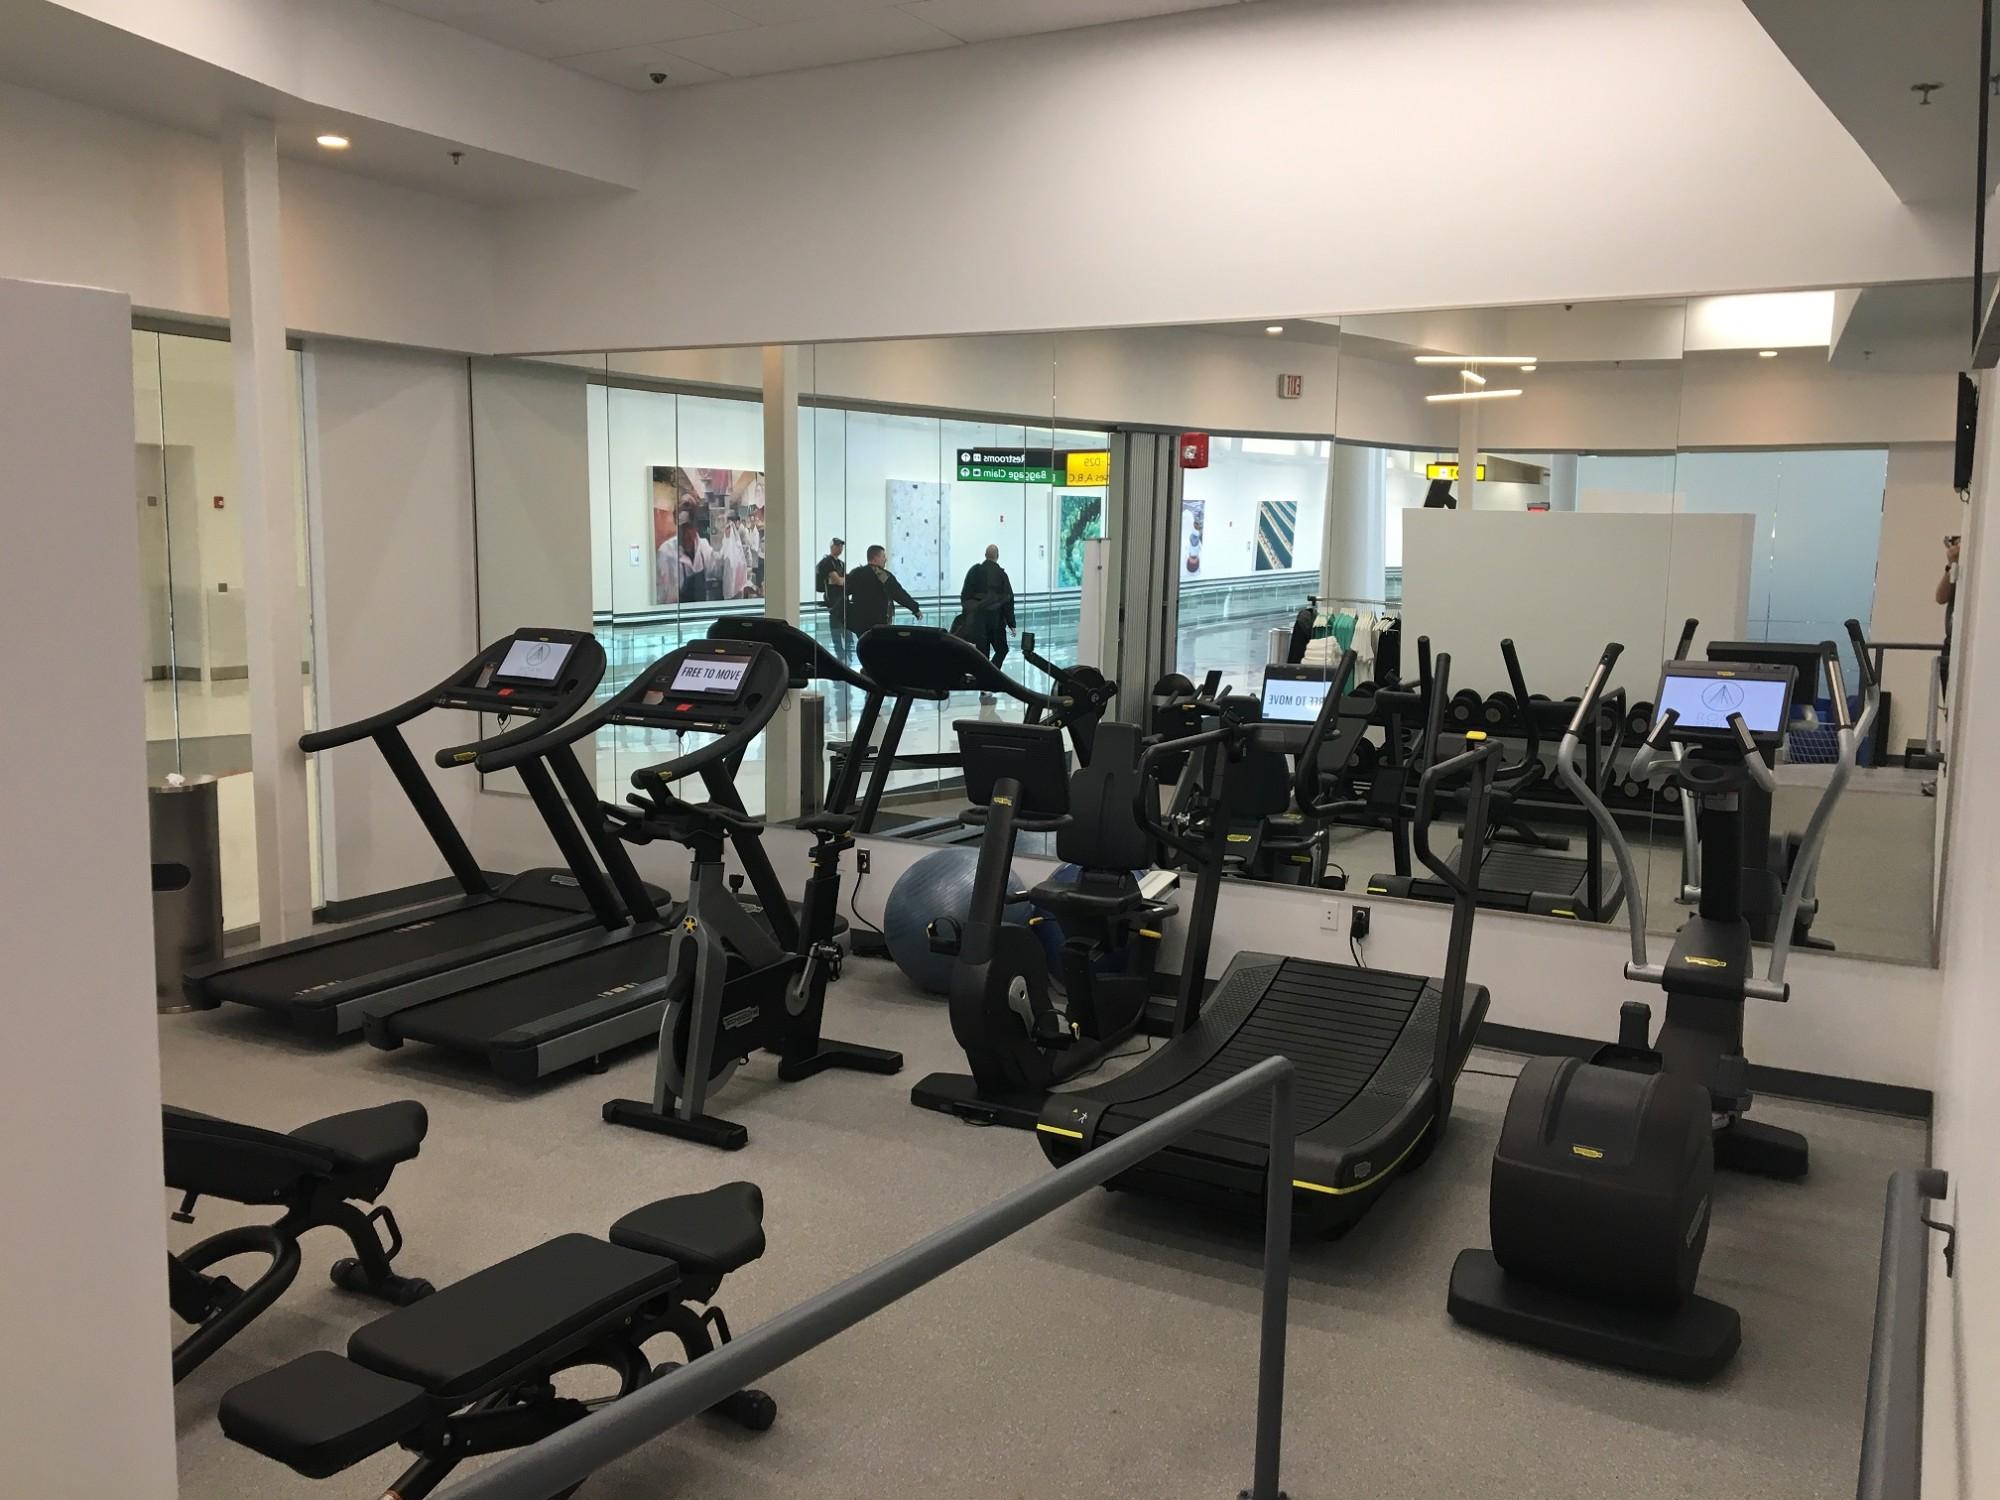 BWI ROAM Fitness Reviews & s Main Terminal Concourse D E